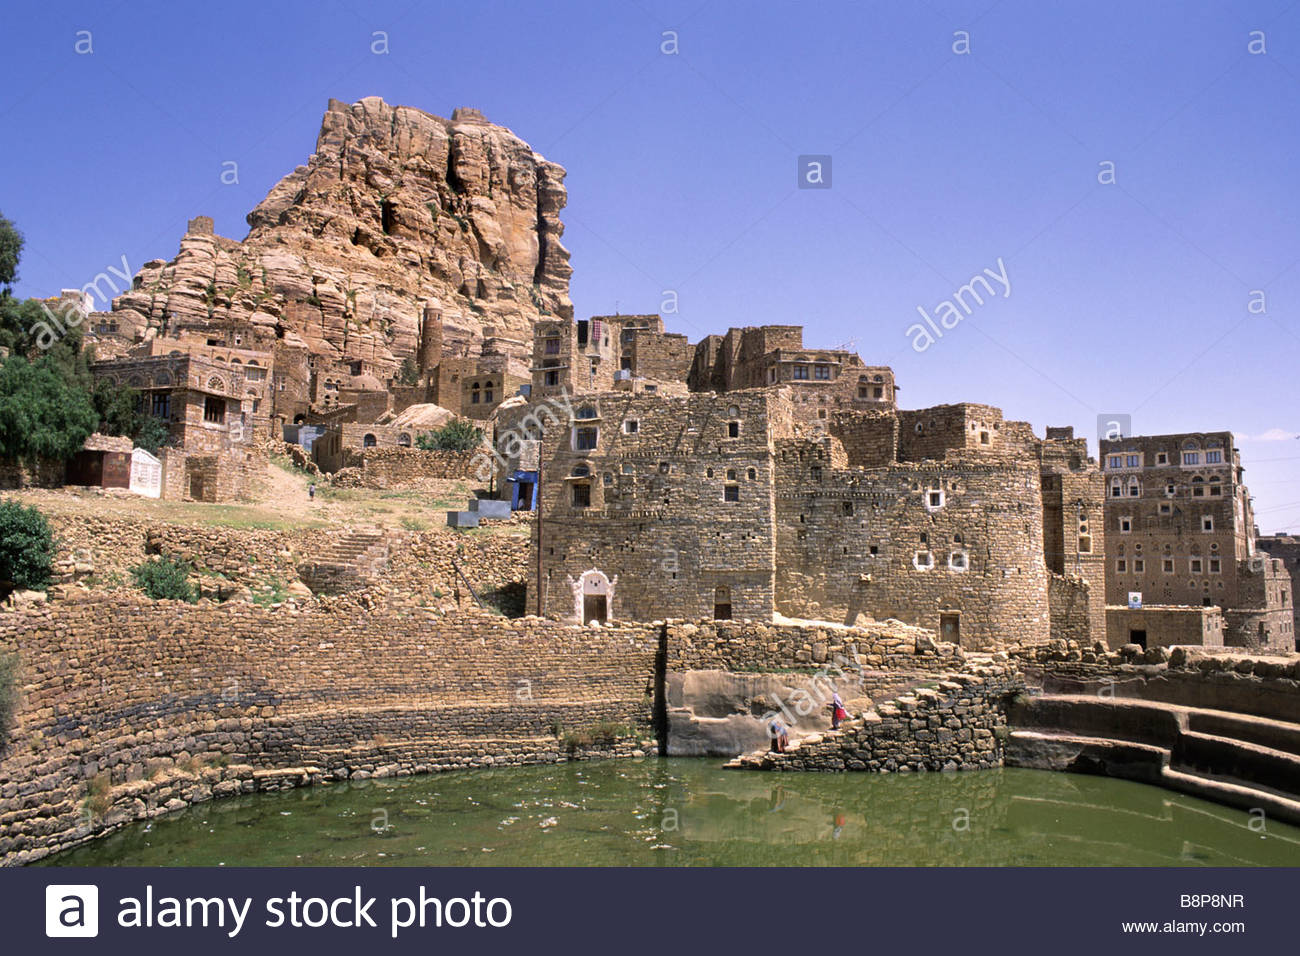 hababa, yemen, arabian peninsula - Stock Image